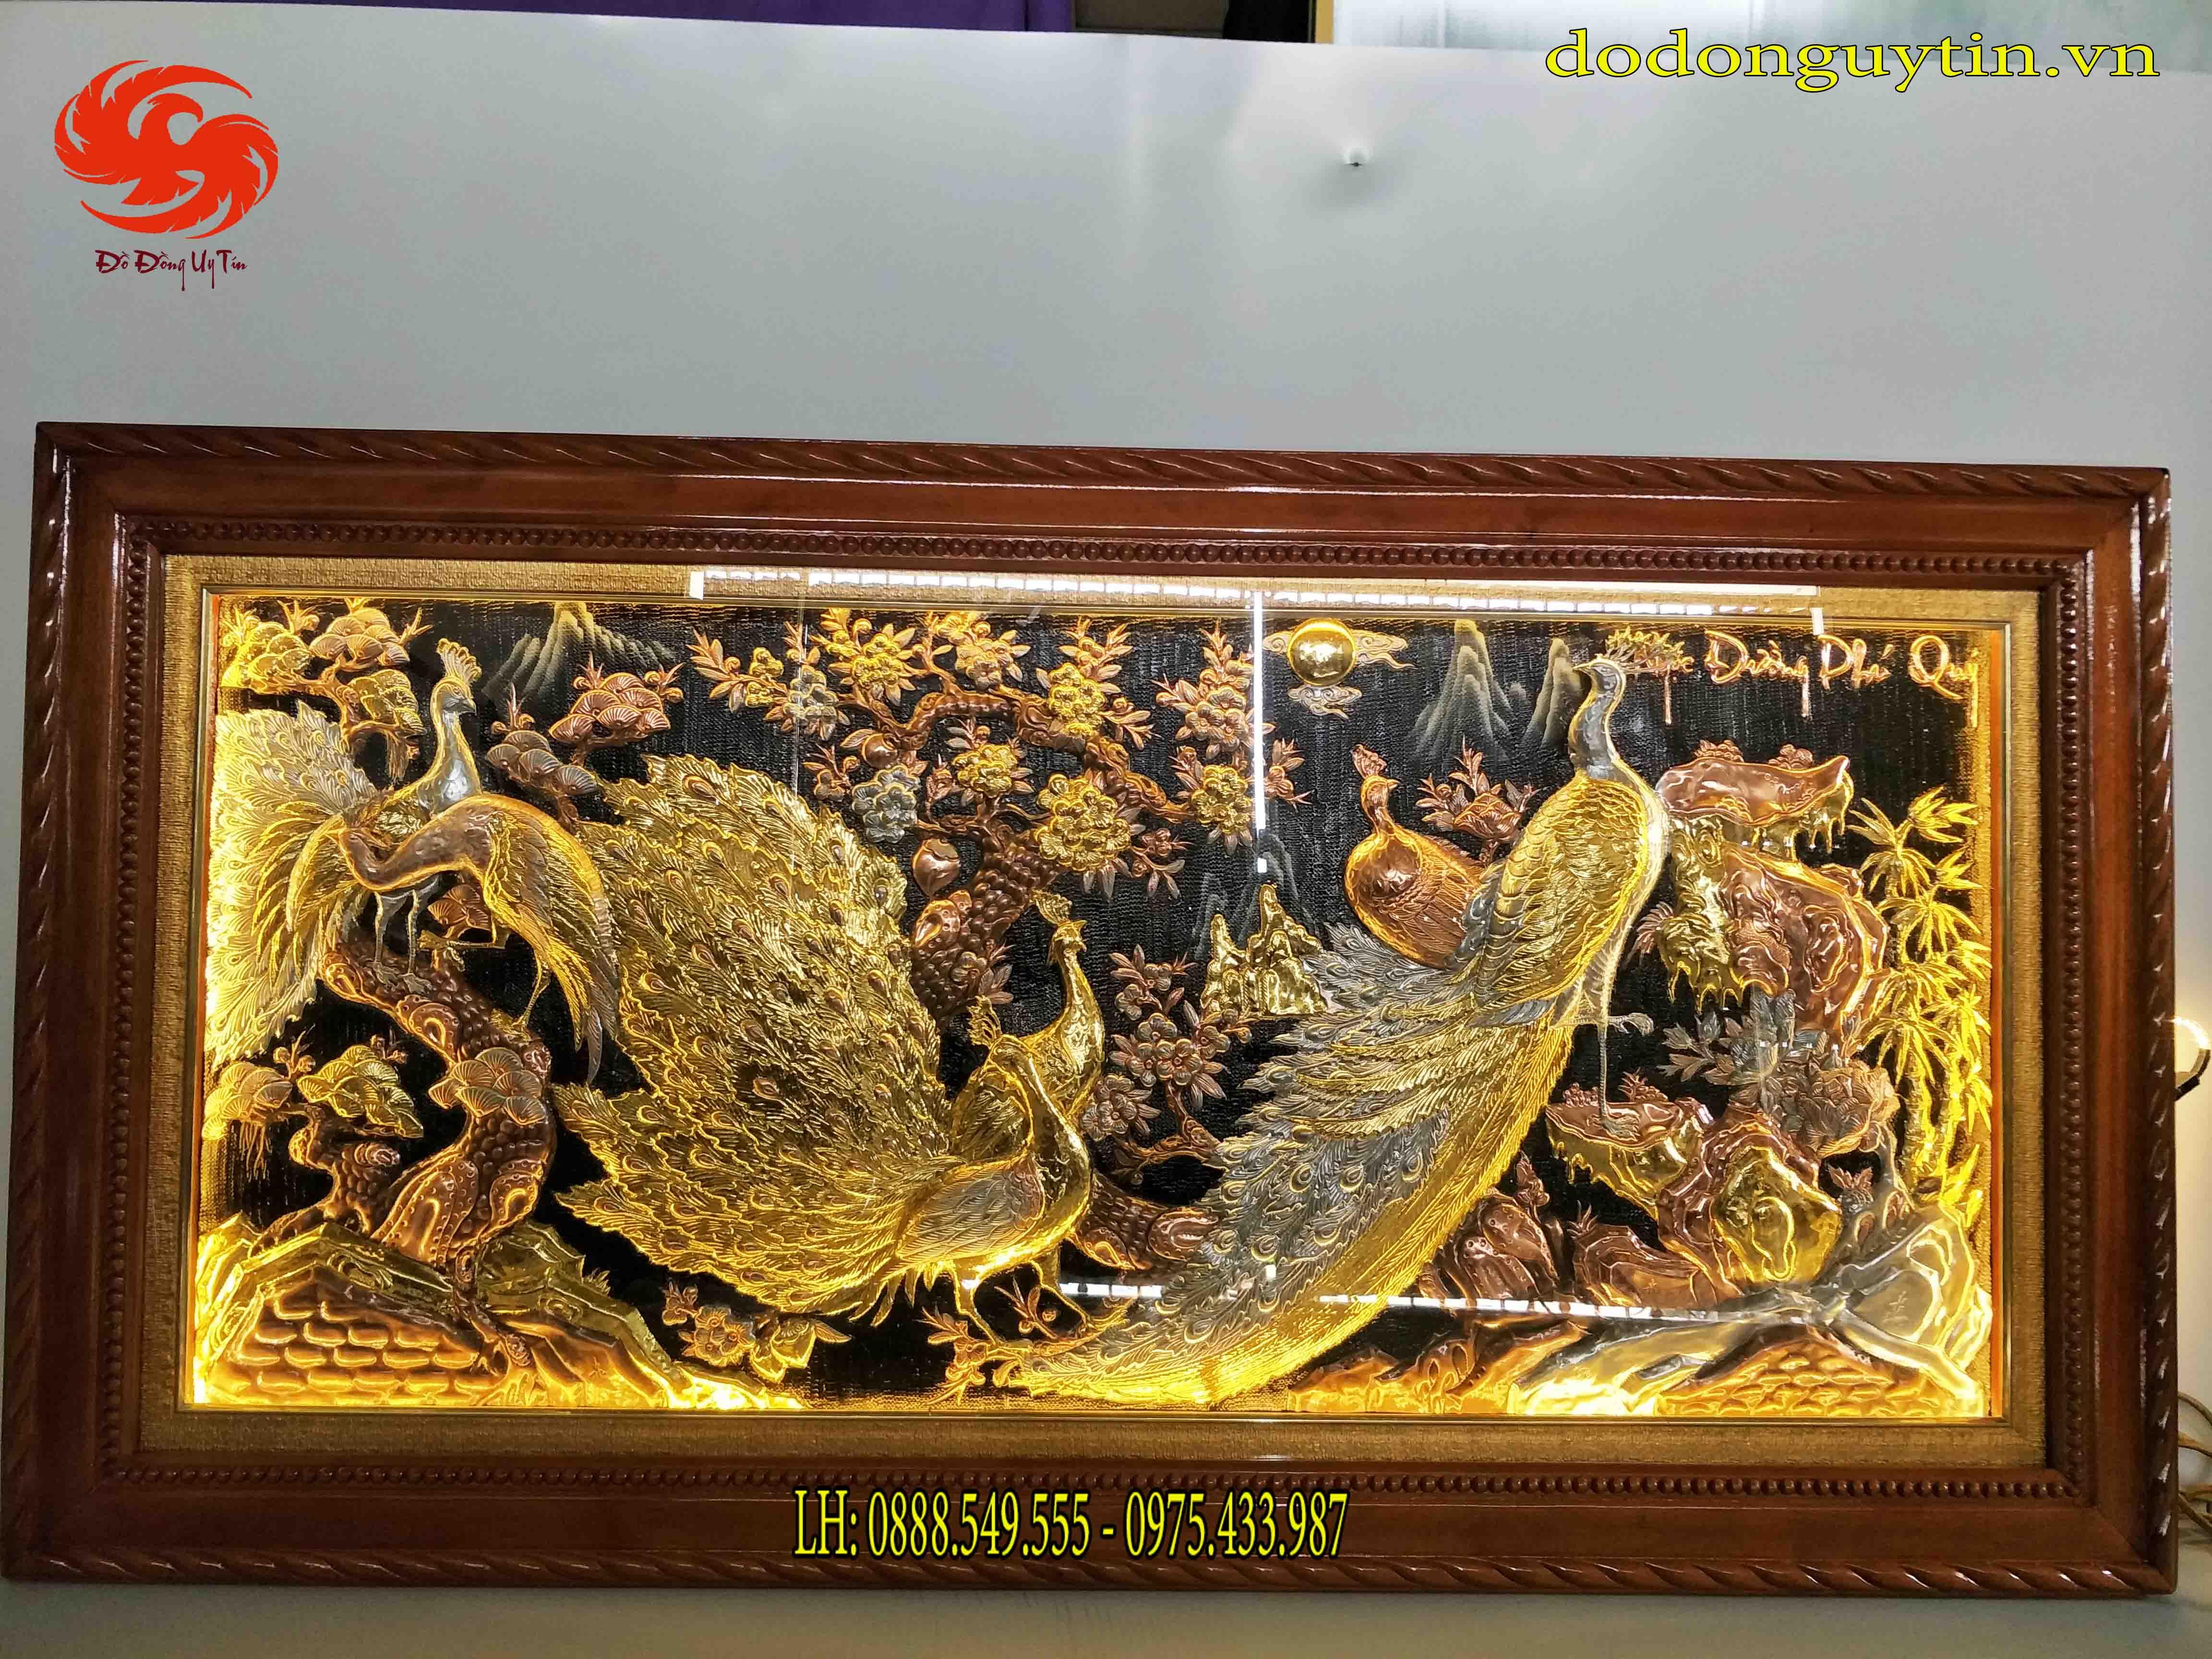 Tranh đồng công mai Ngọc đường phú quý dát vàng tinh xảo